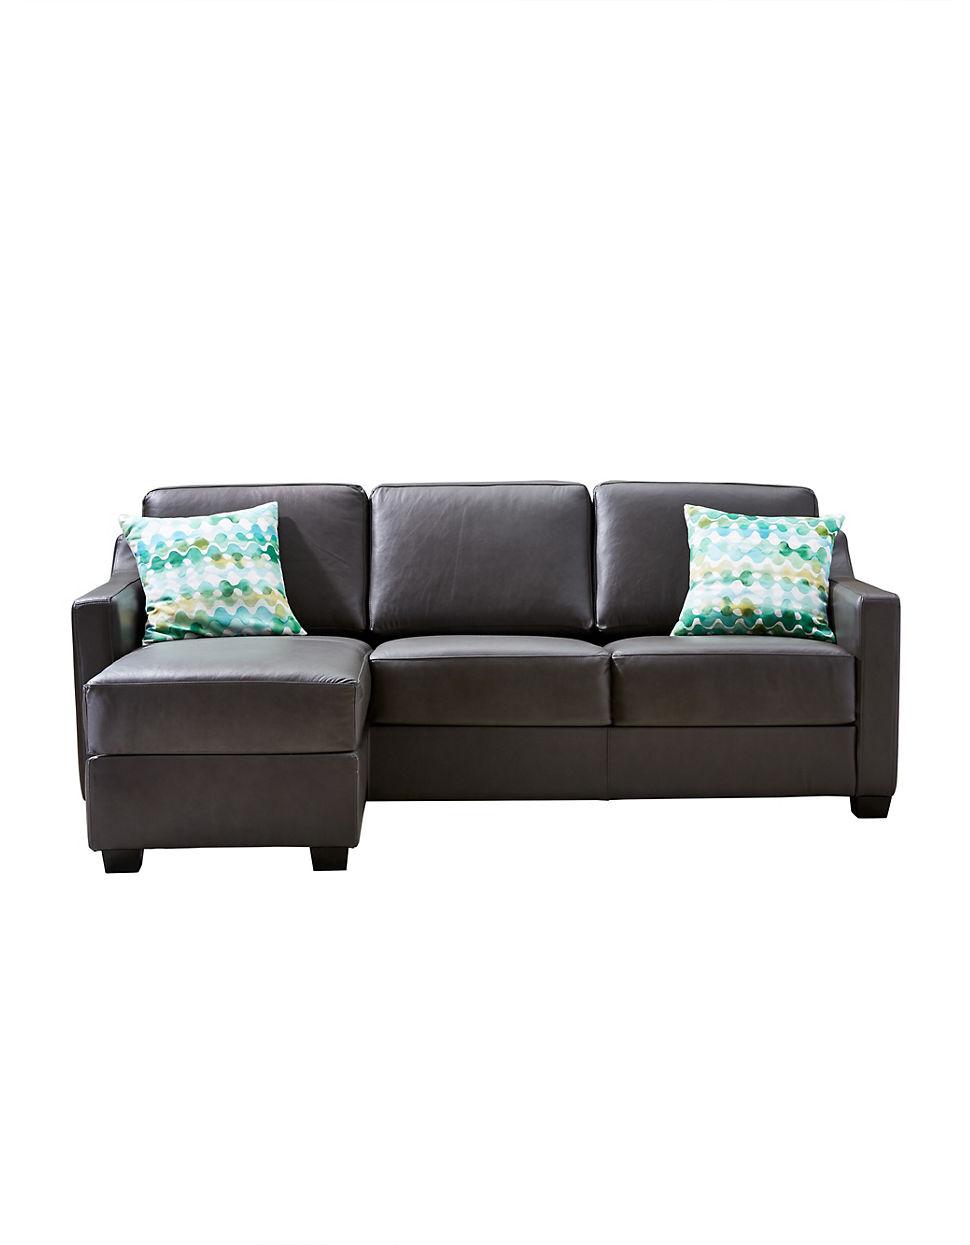 Sofa buy natuzzi leather sofa custom made style natuzzi leather sofa - Nelia Leather Sofa With Chaise